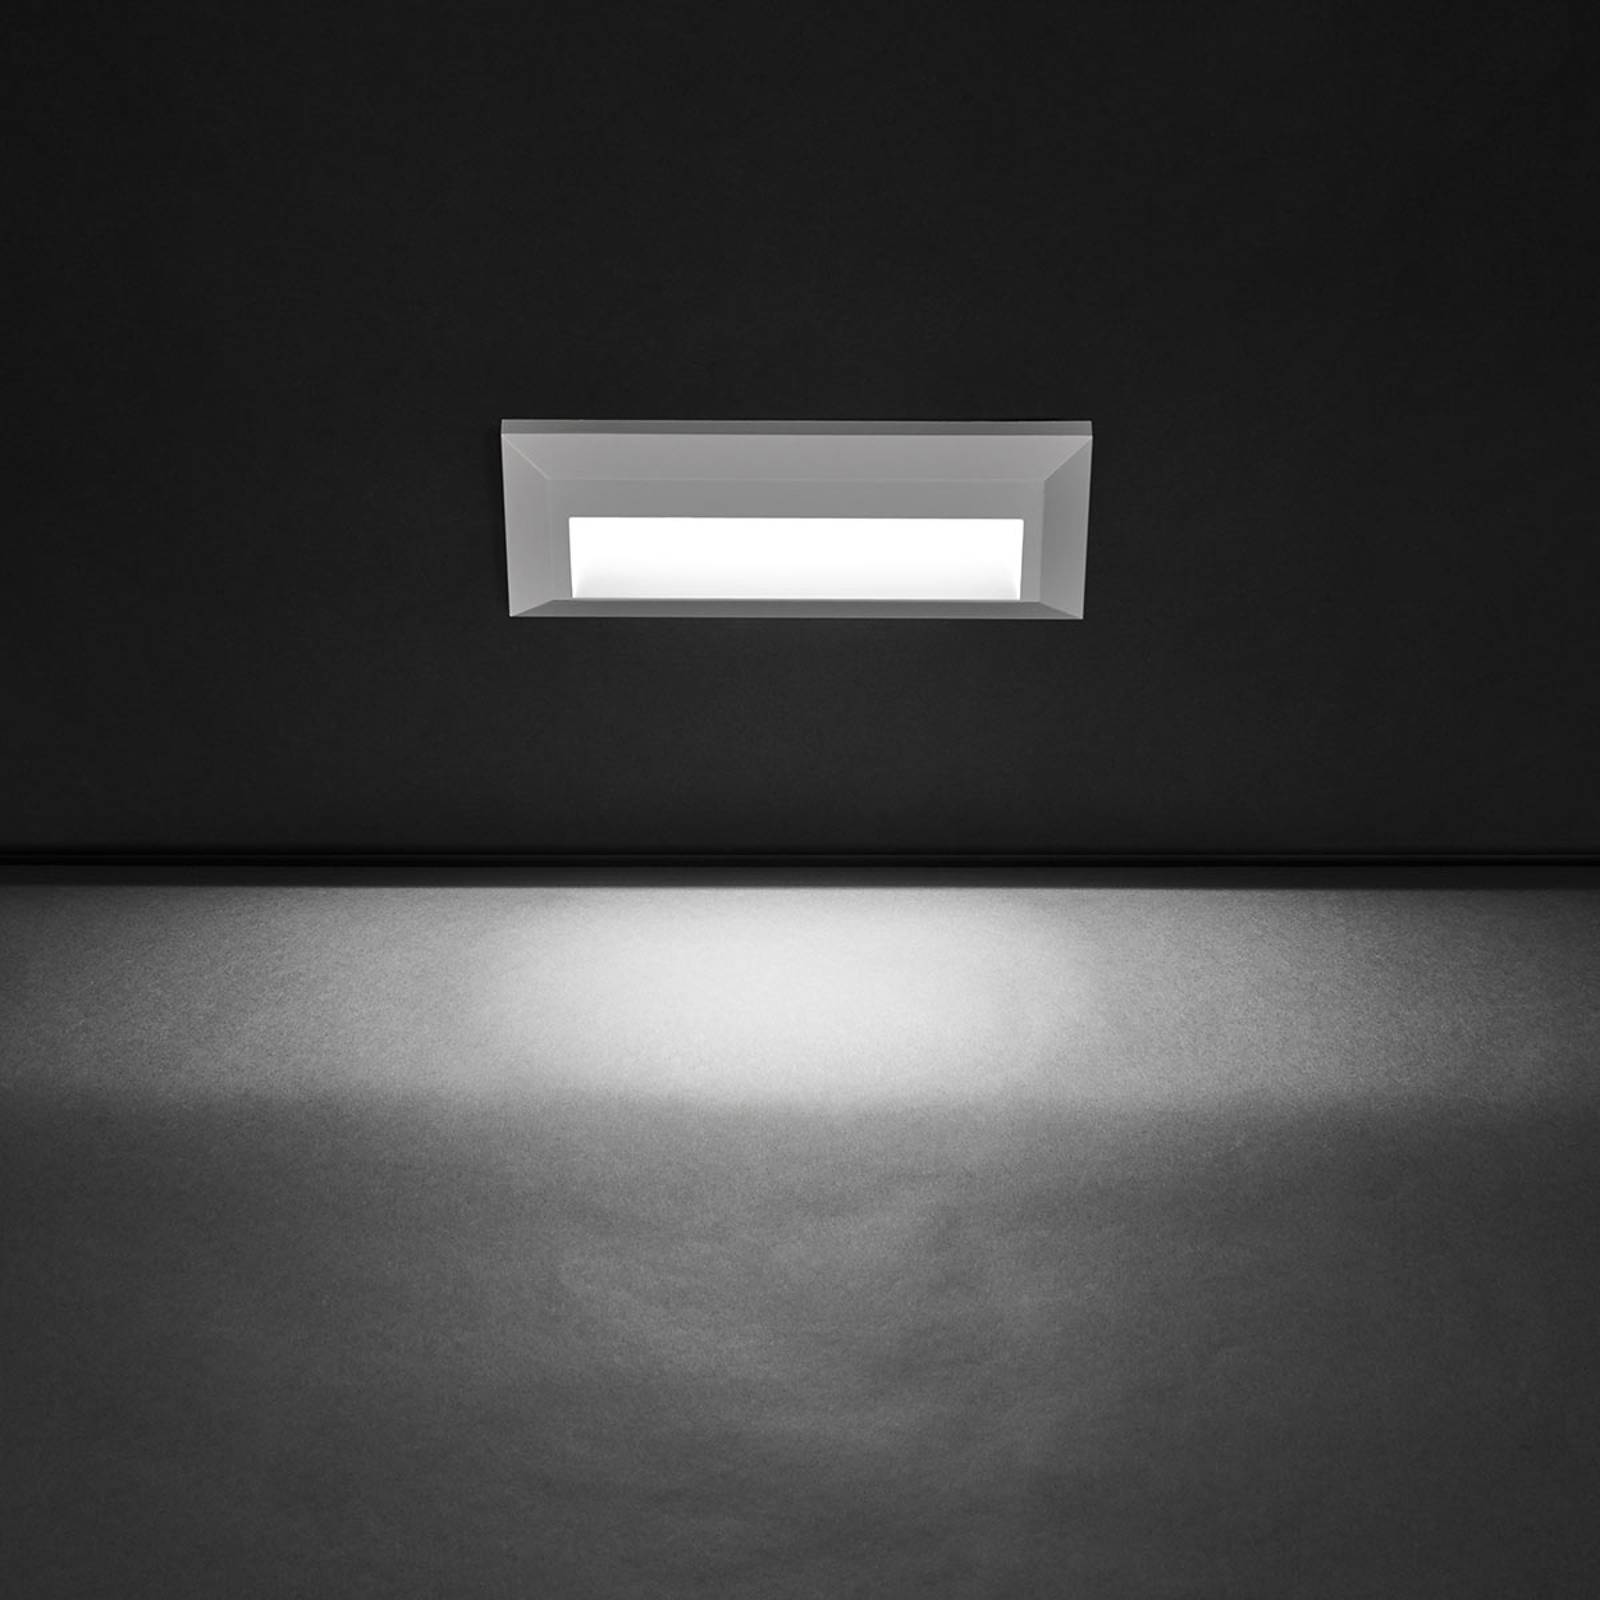 Laajasti valaiseva LED-ulkoseinälamppu Kössel